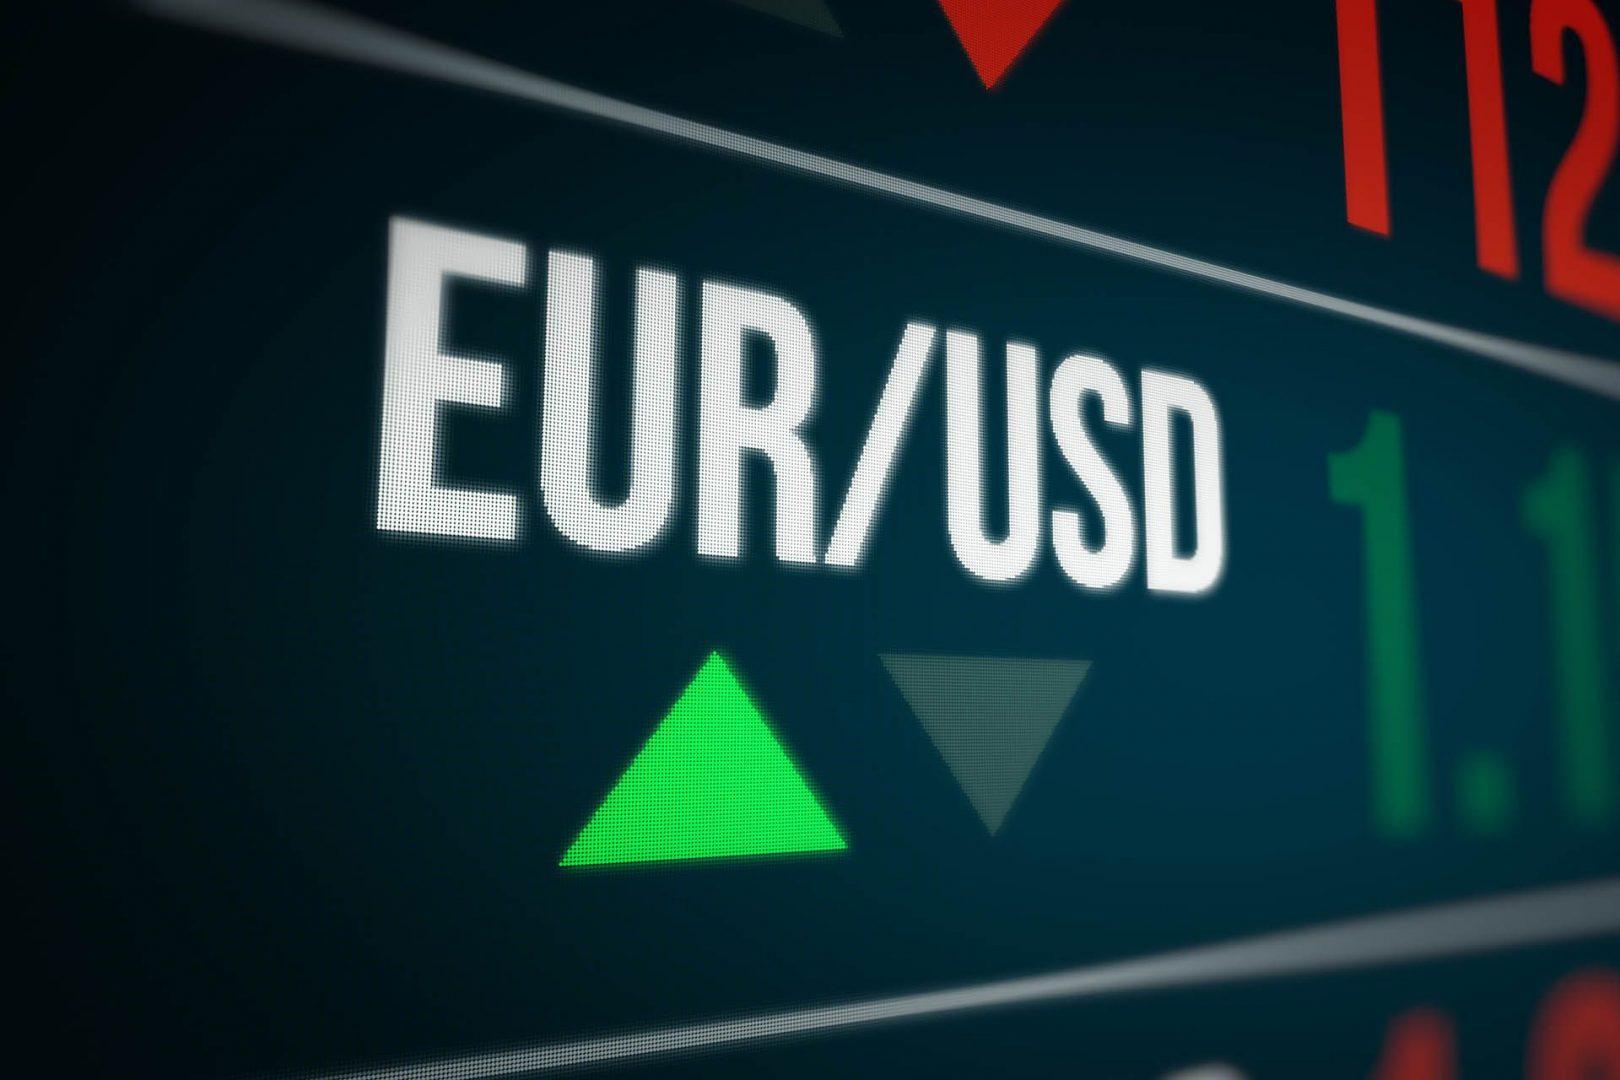 finnews24-eur-usd